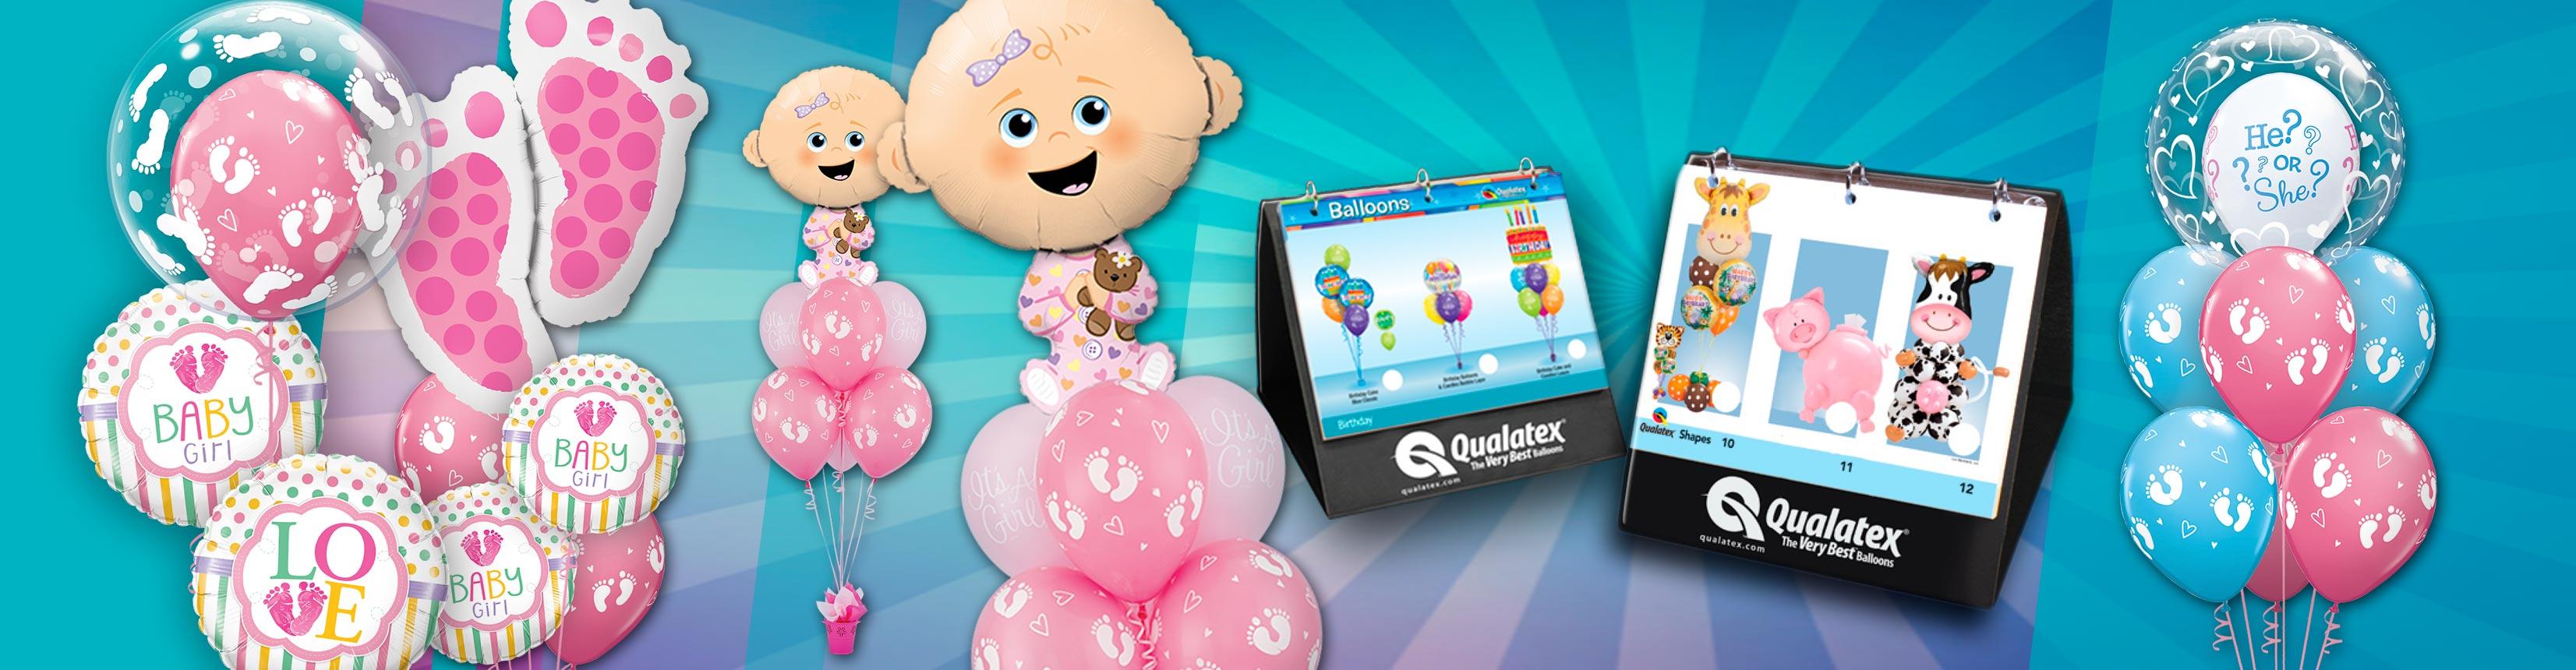 Cursos de decoraci n con globos la central del globo for Cursos de decoracion